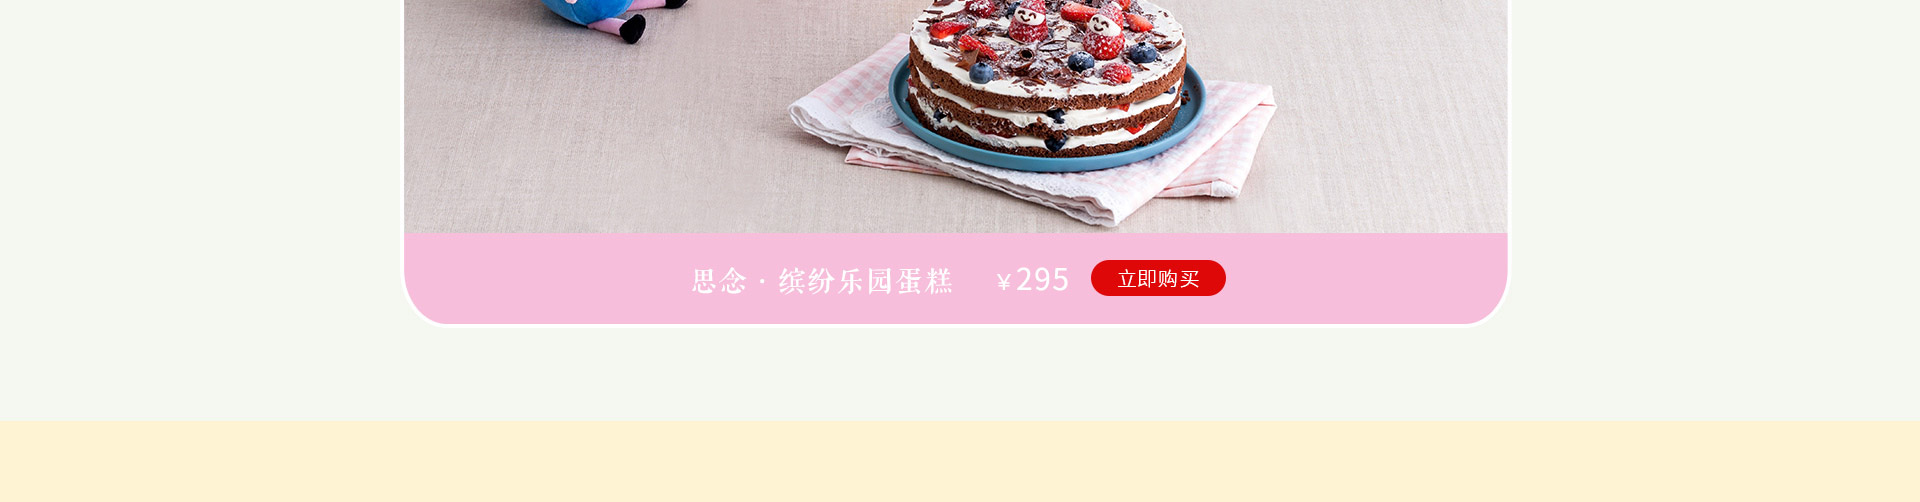 思念 缤纷乐园蛋糕